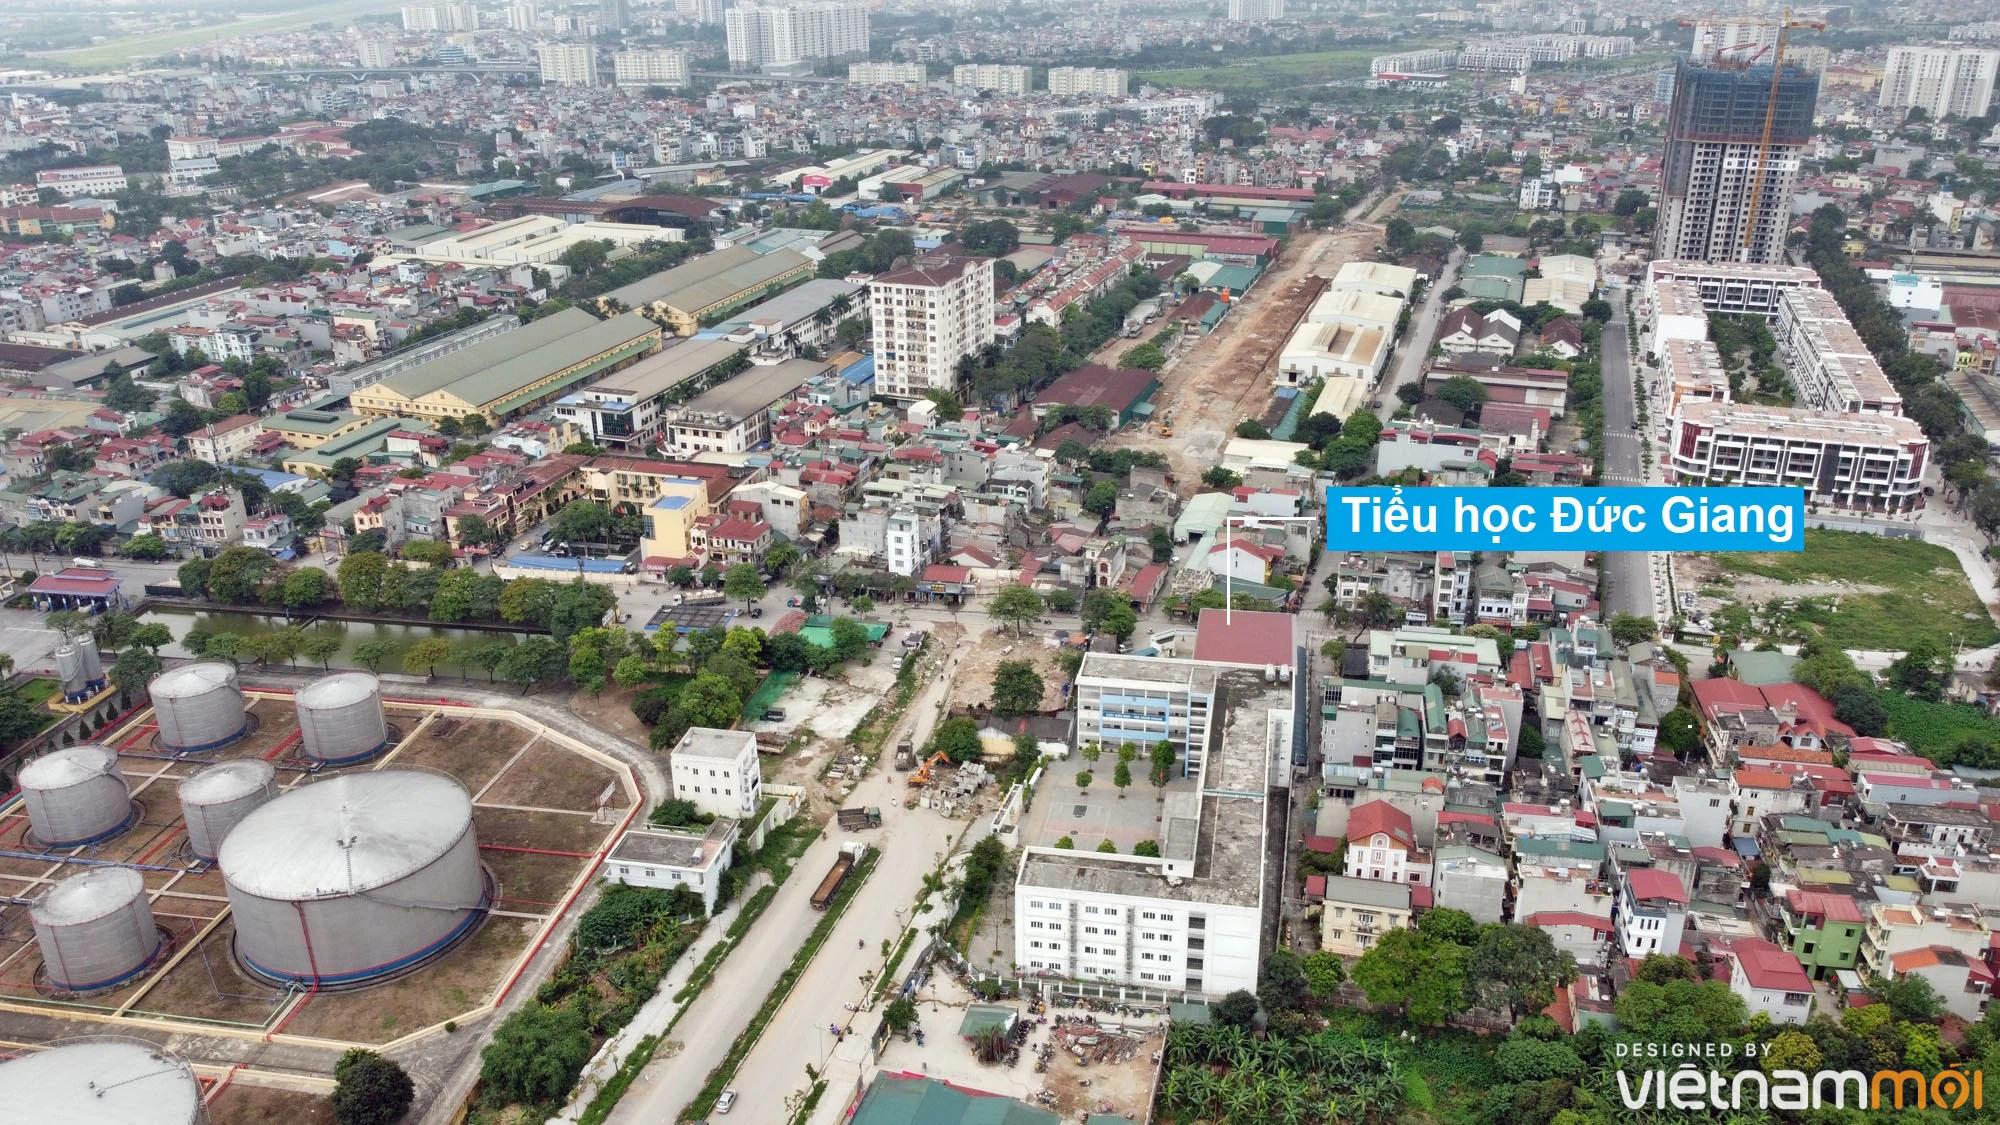 Toàn cảnh đường từ đê Ngọc Thụy đến KĐTM Thượng Thanh đang mở theo quy hoạch ở Hà Nội - Ảnh 14.